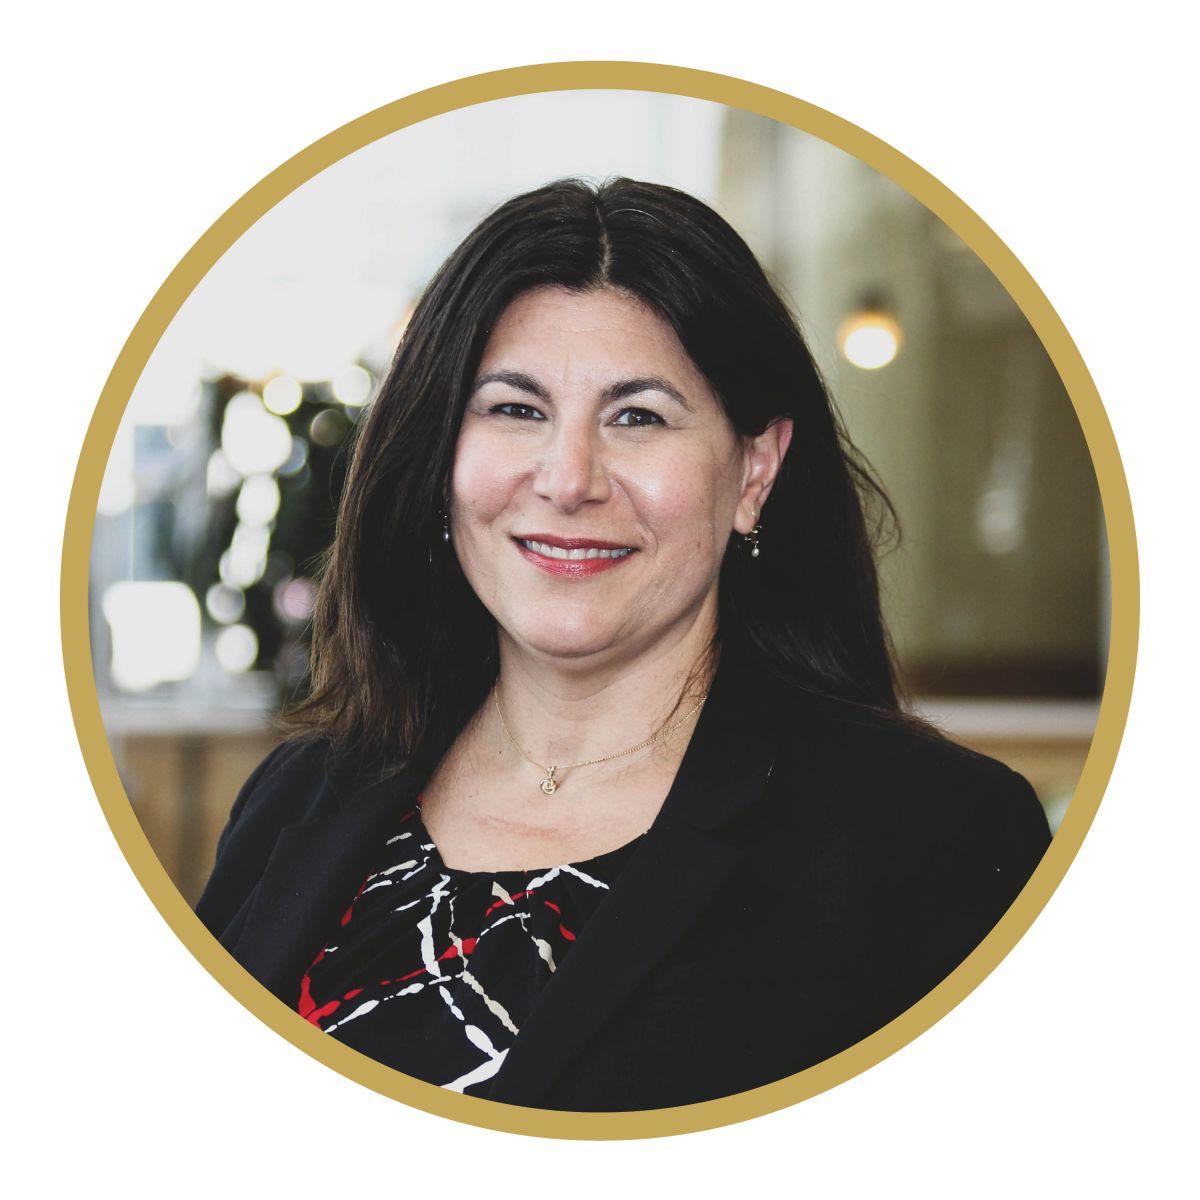 Susan Russo Klein